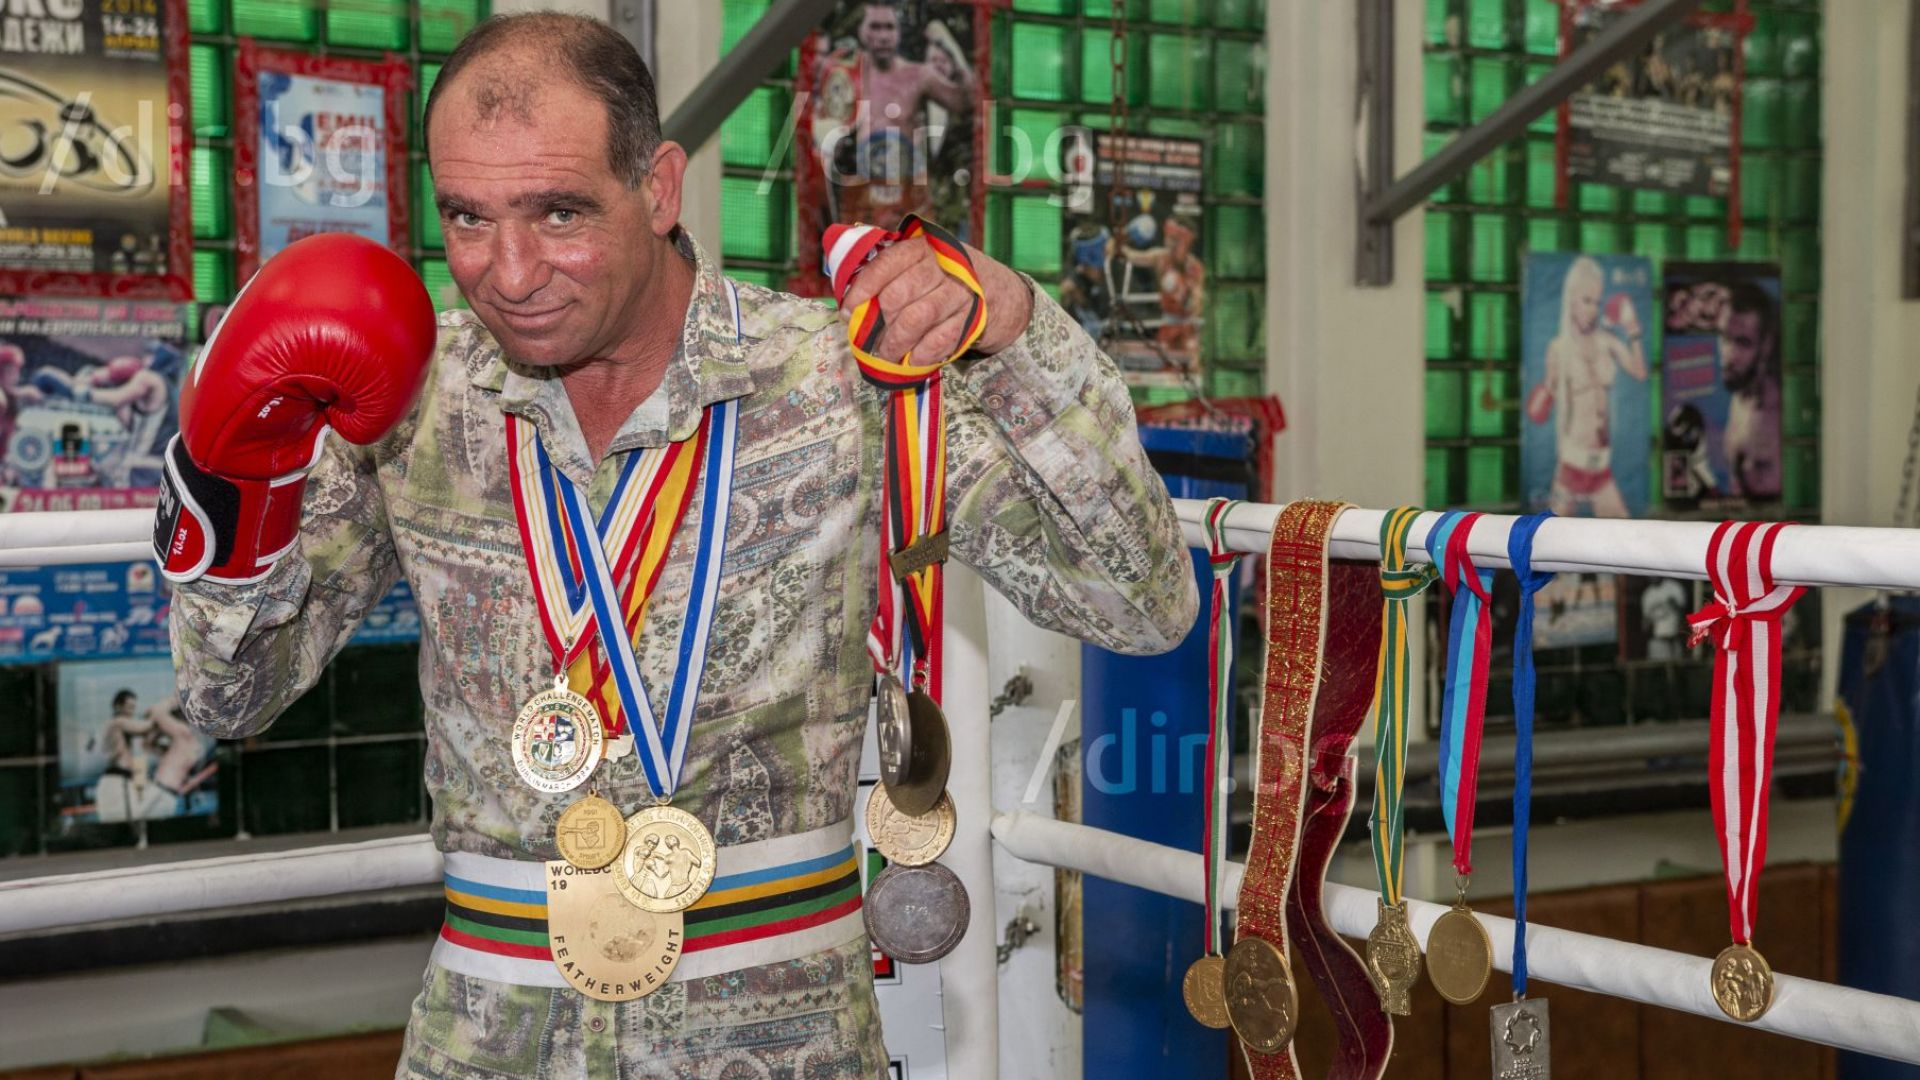 Неподражаемият Серафим Тодоров на 50: Триумфи, болка и живот като за филм